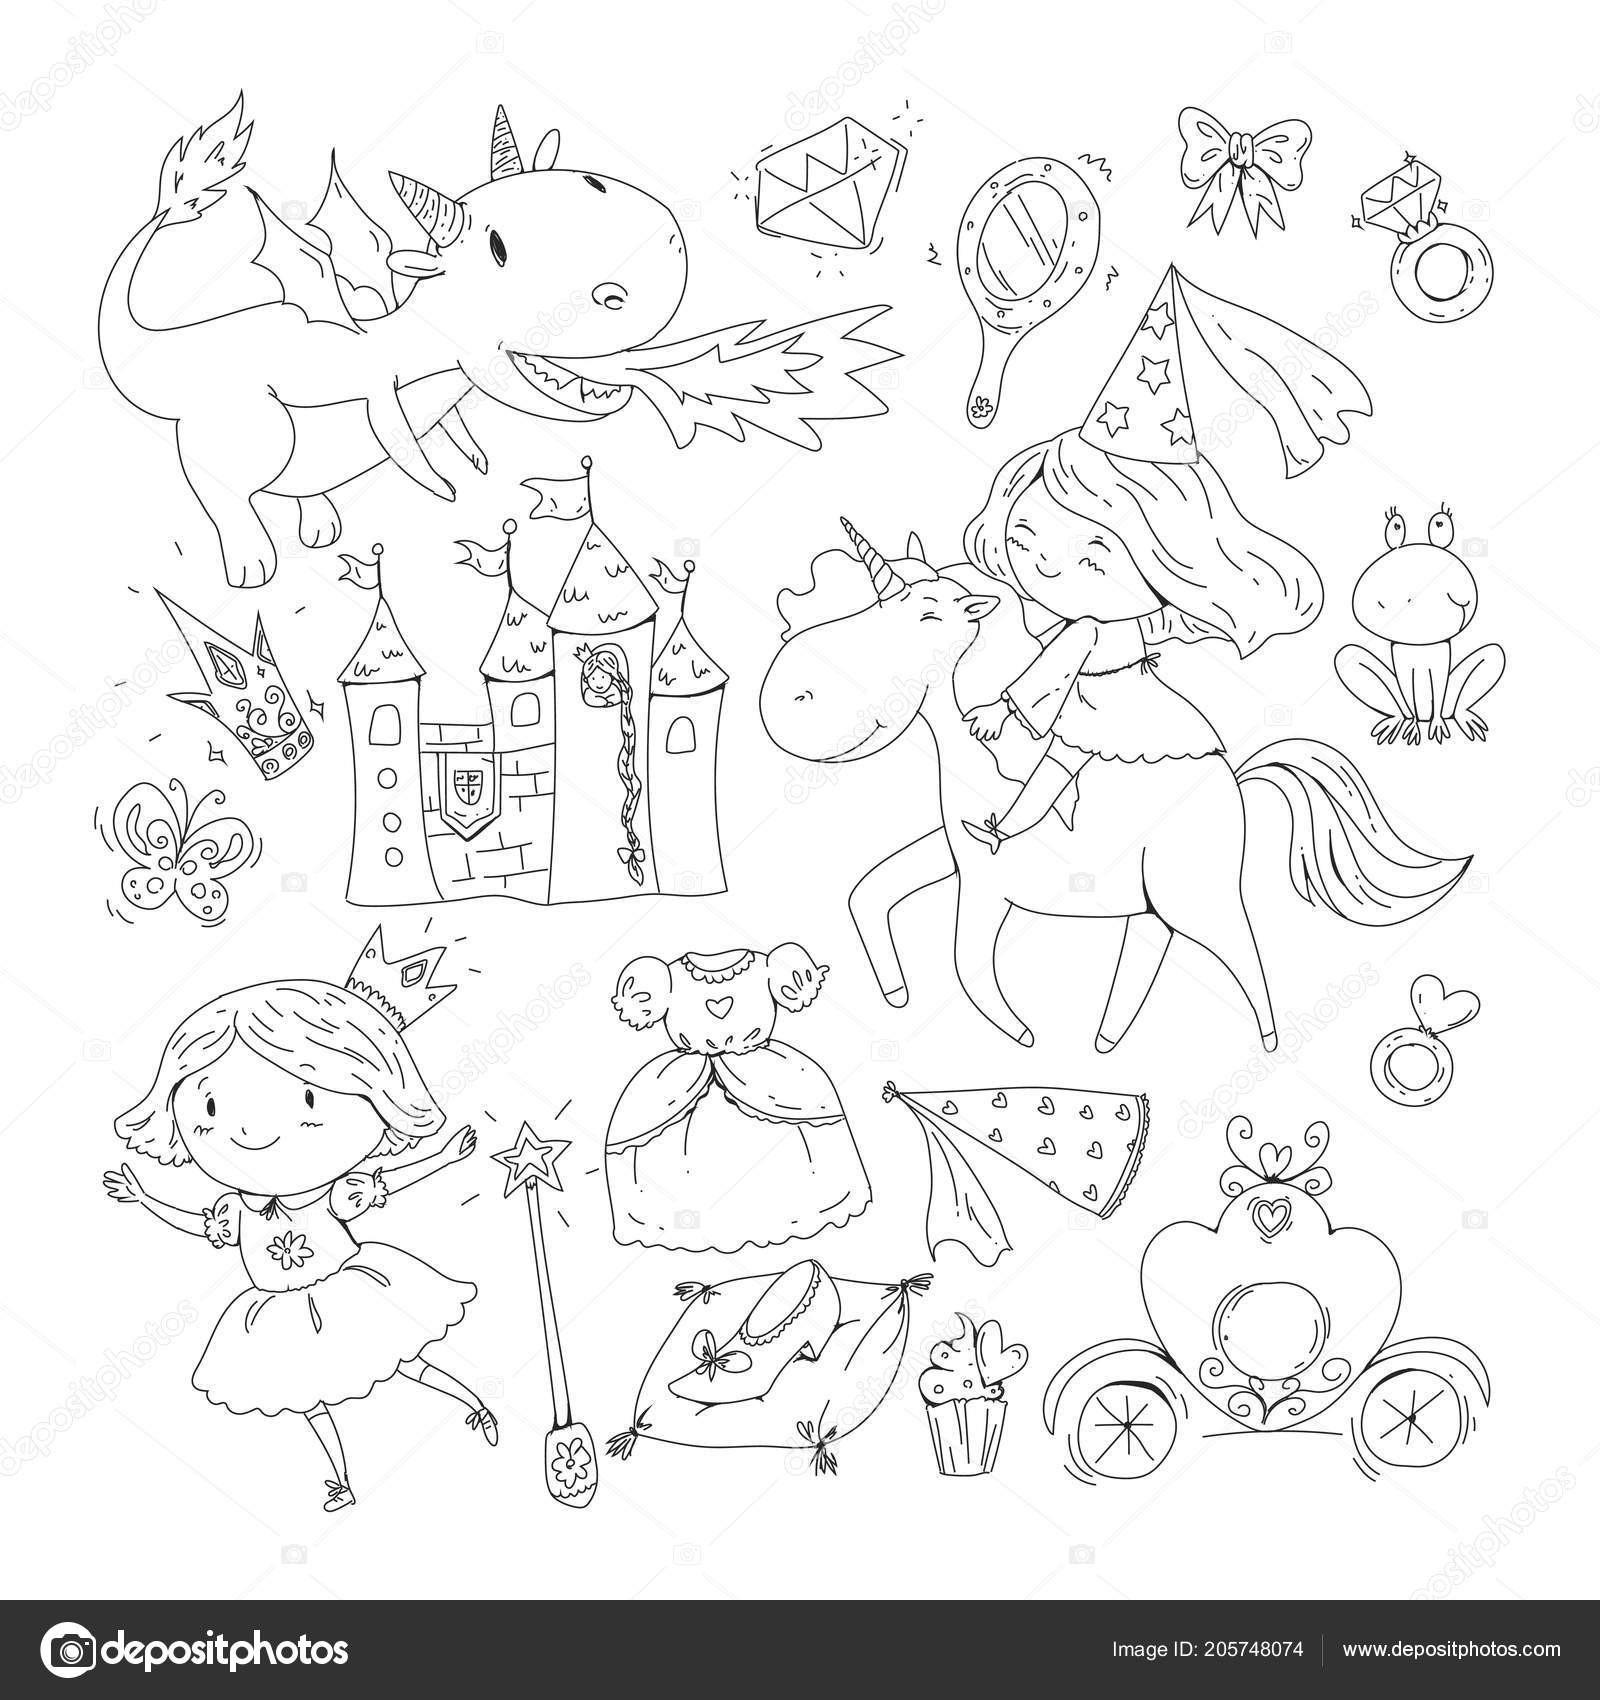 Ausmalbild Einhorn Mit Fee Frisch Malvorlagen Für Buch Niedliche Kleine Prinzessin Mit Einhorn Und Das Bild